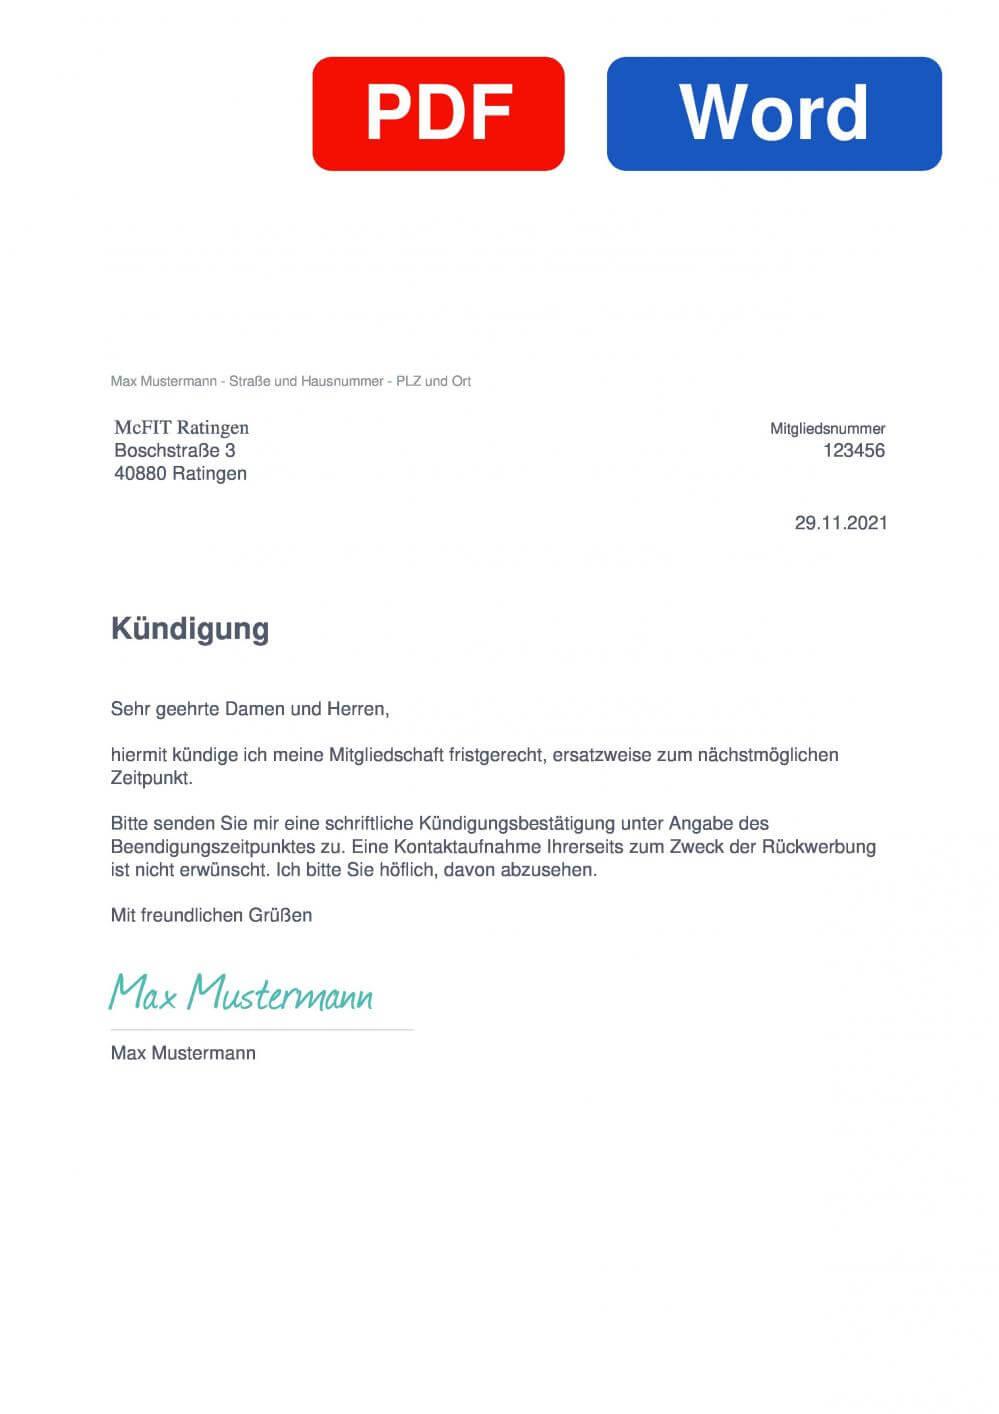 McFIT Ratingen Muster Vorlage für Kündigungsschreiben